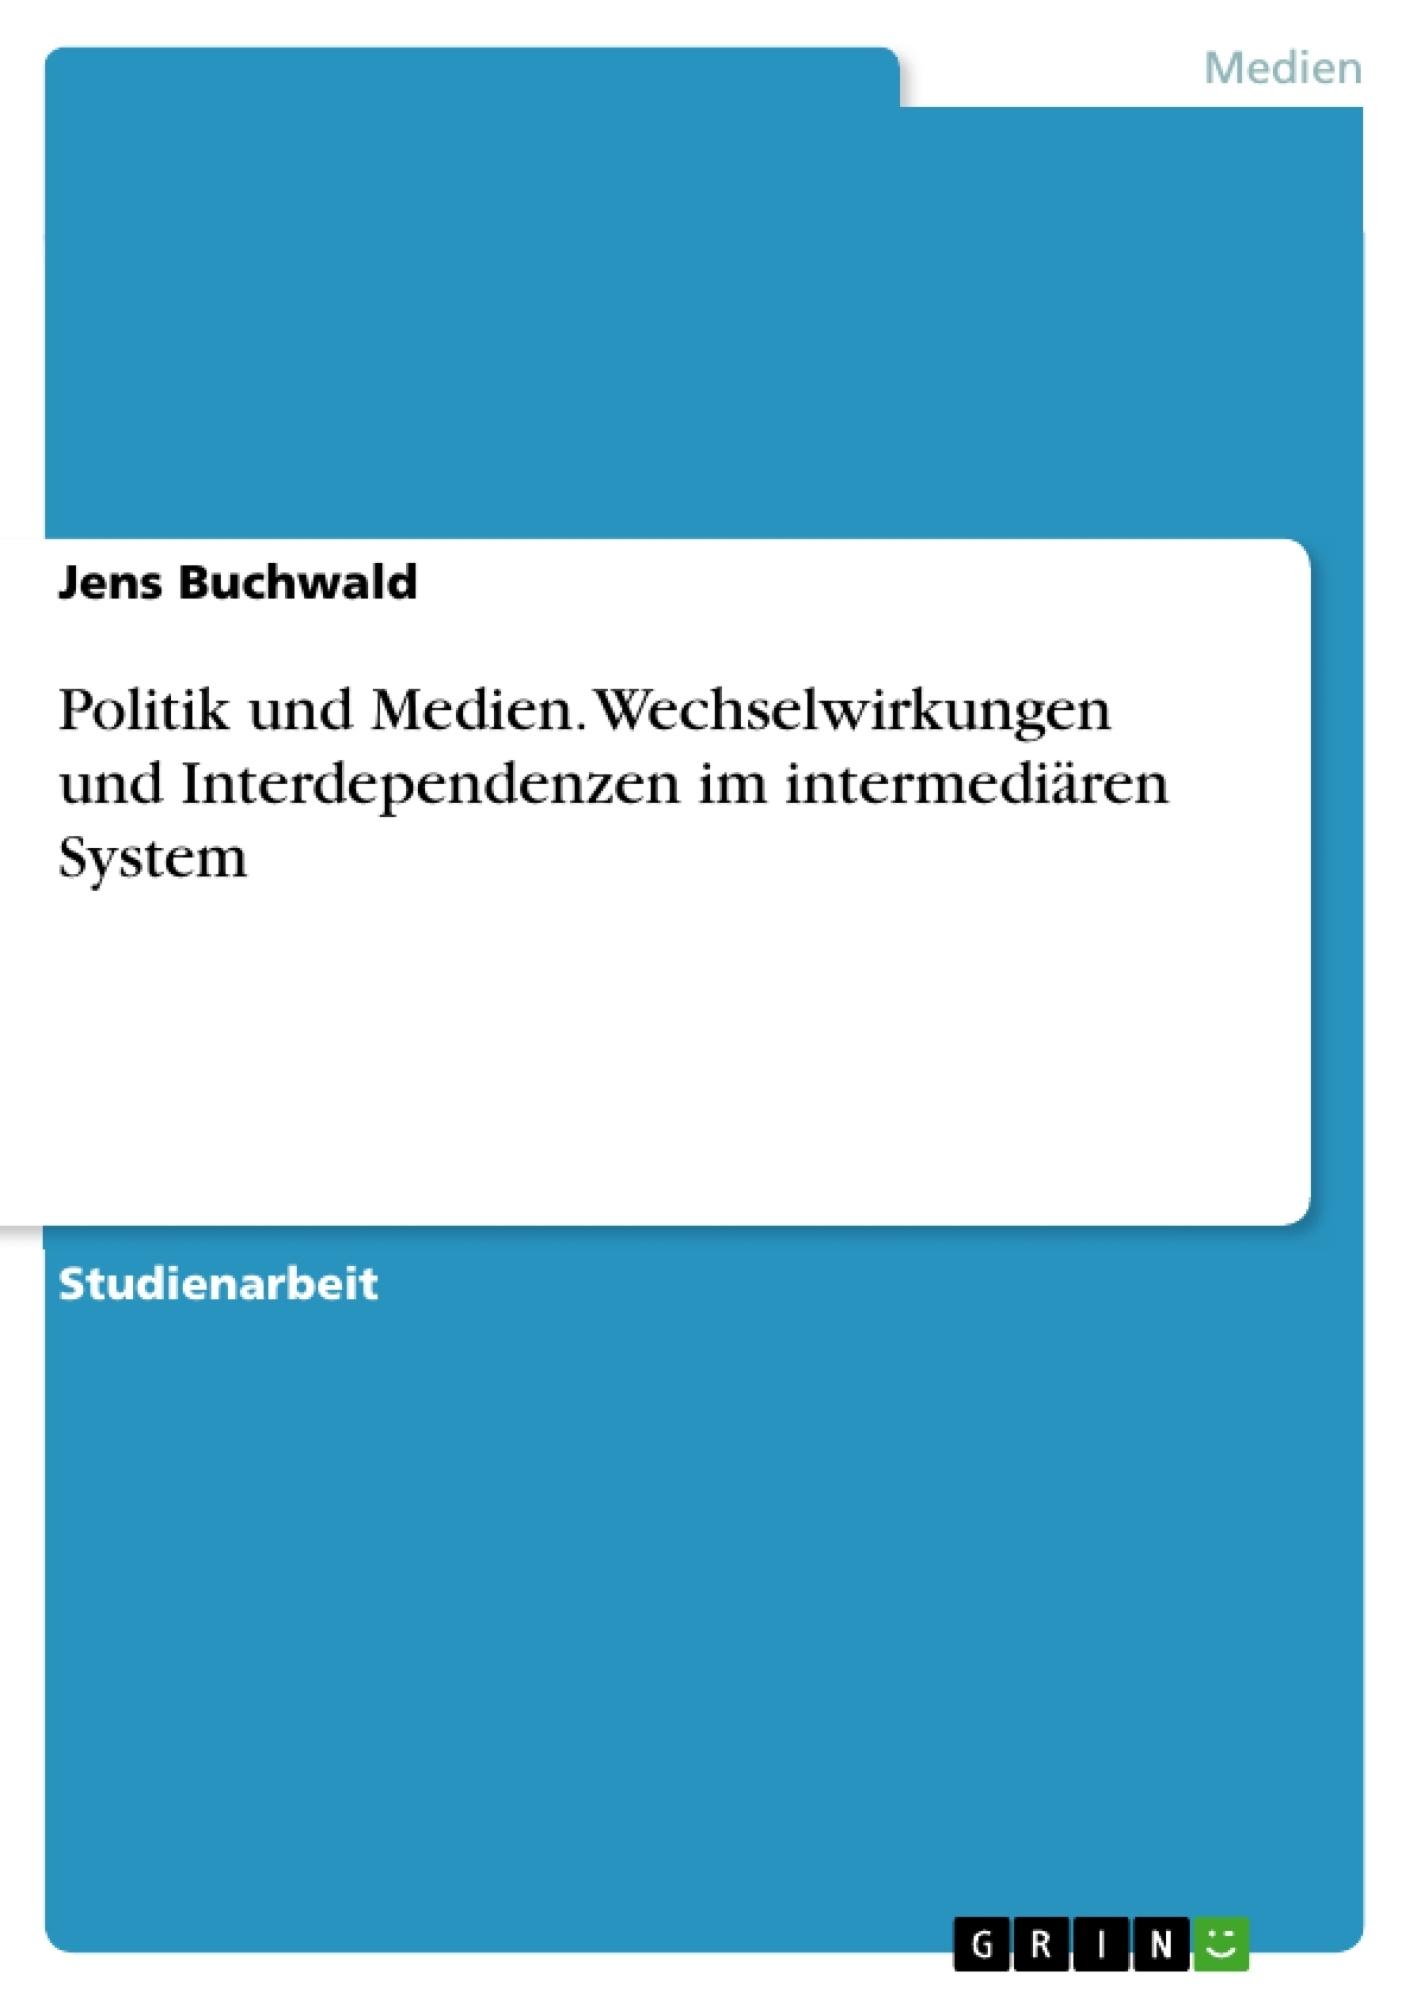 Titel: Politik und Medien. Wechselwirkungen und Interdependenzen im intermediären System